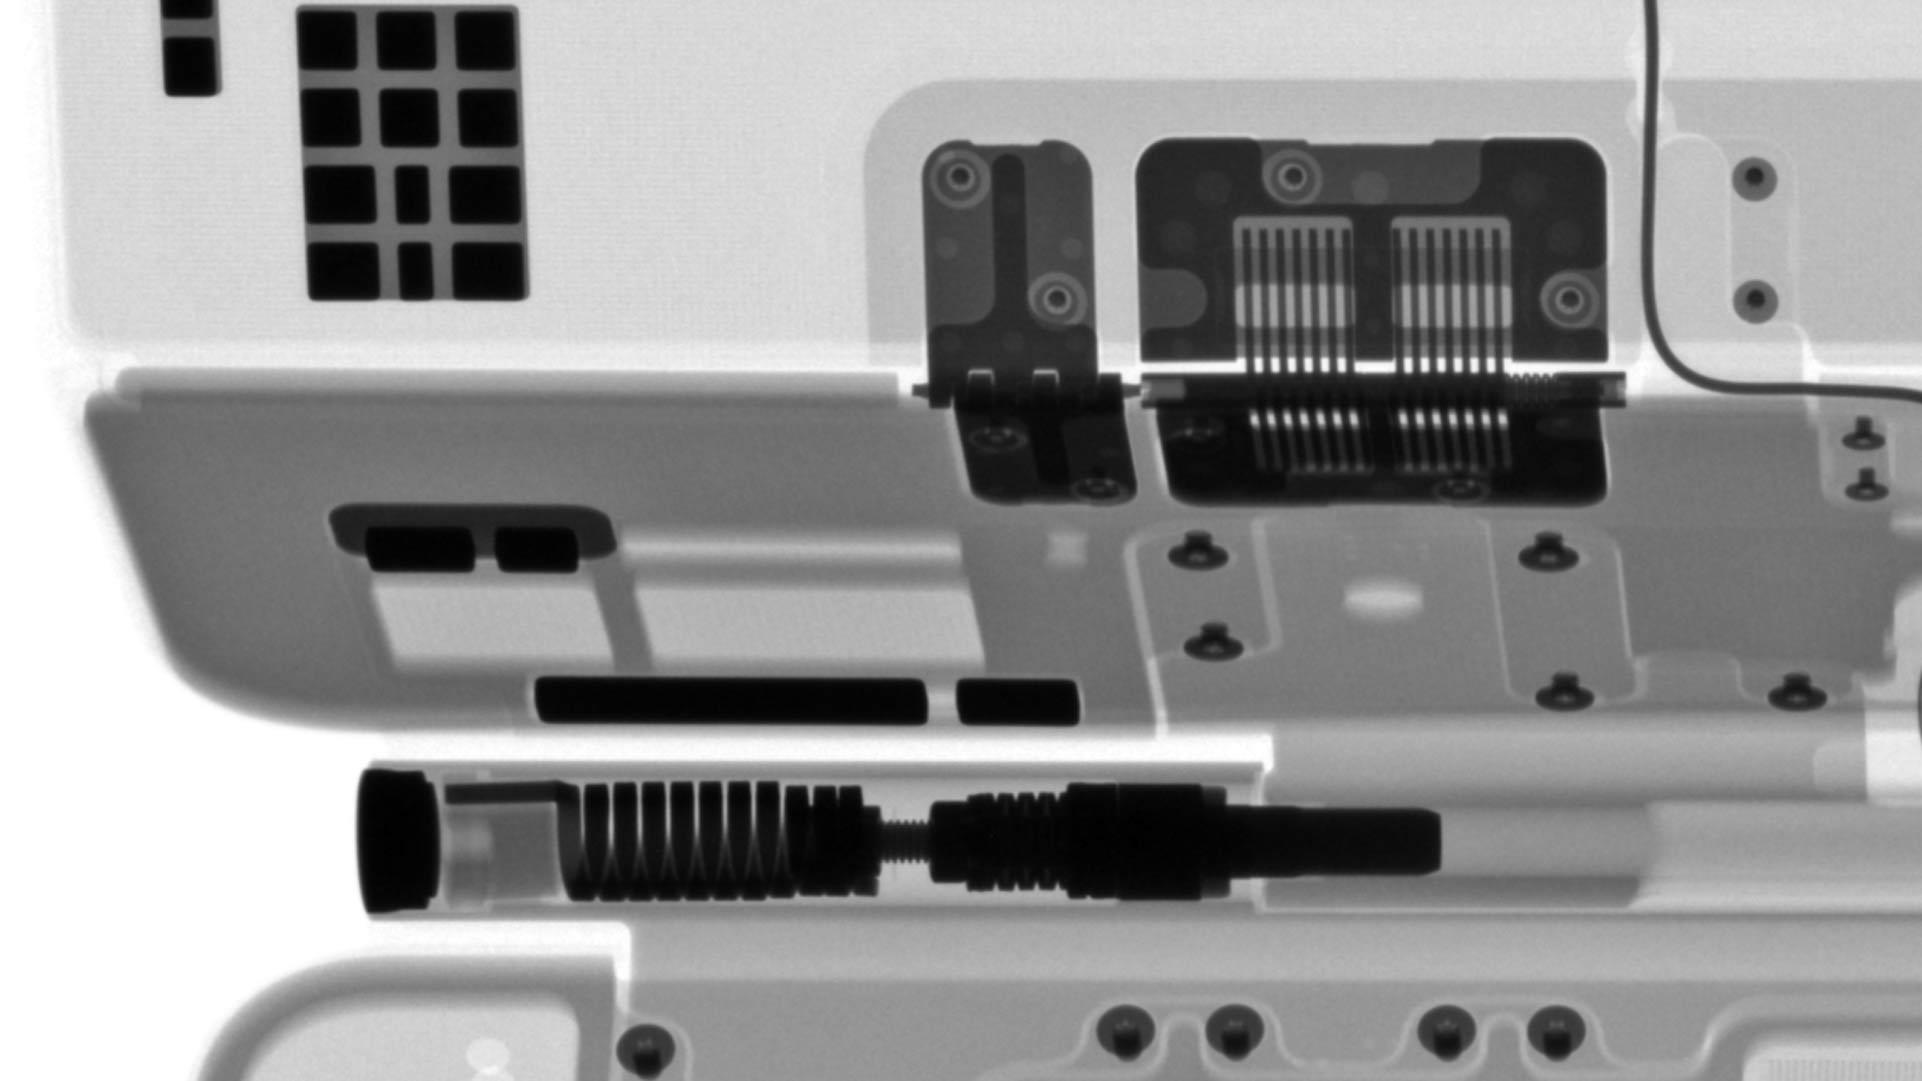 La Magic Keyboard per iPad Pro vista ai raggi X si rivela più complessa di quello che sembra